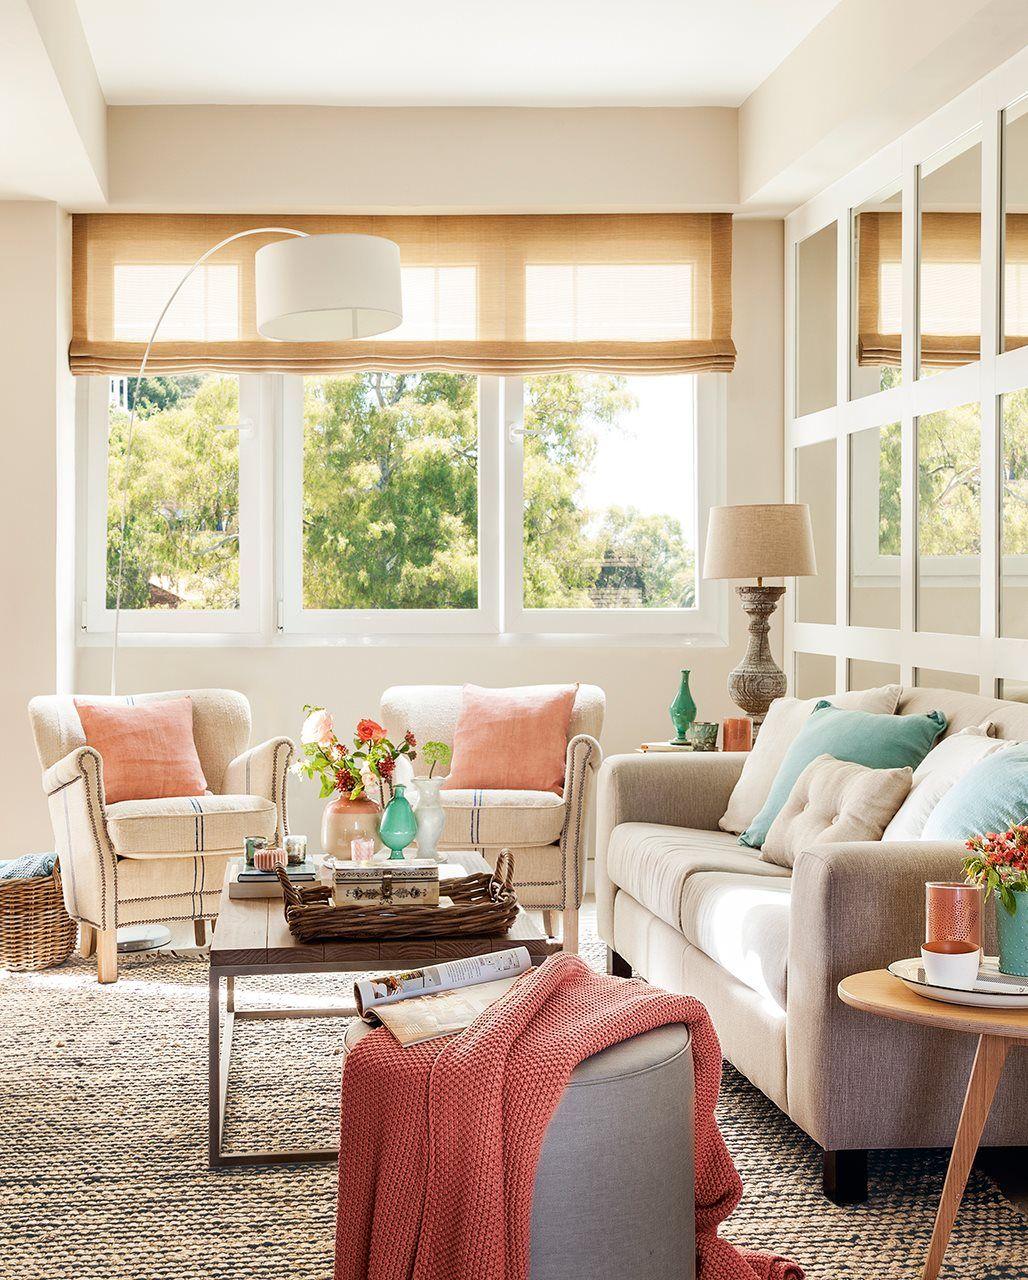 Zara home interior design - Home Tour Charminho Espanhol